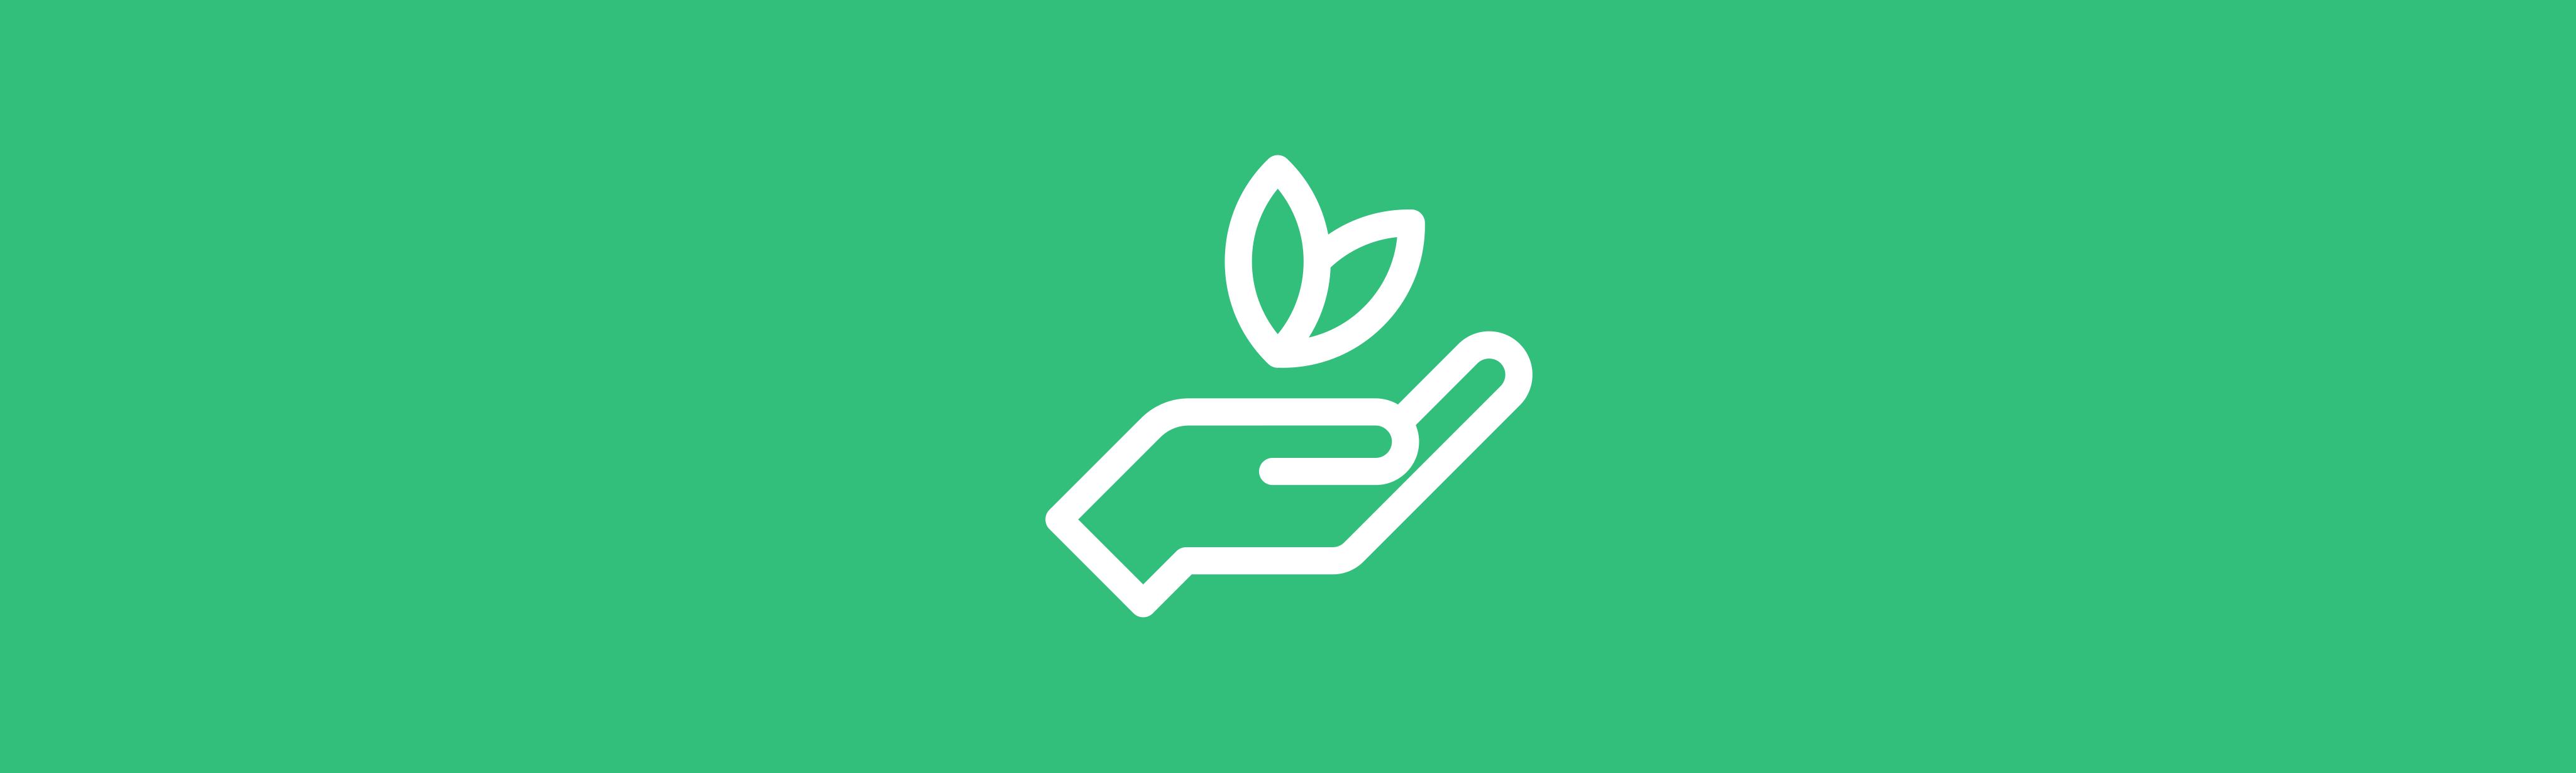 banniere_planification_ecologique_jlm2017.png